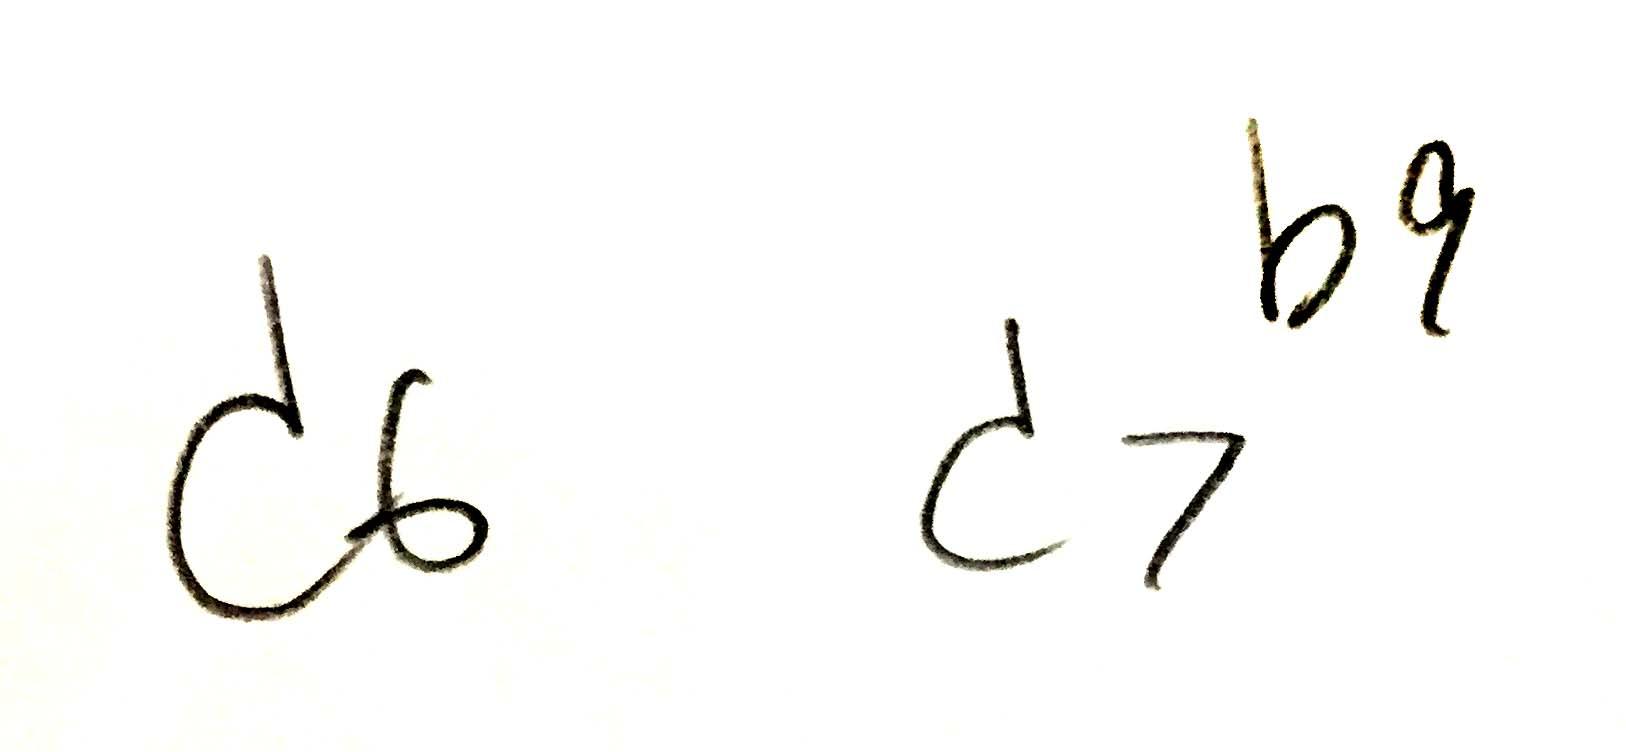 6th-7th-chords